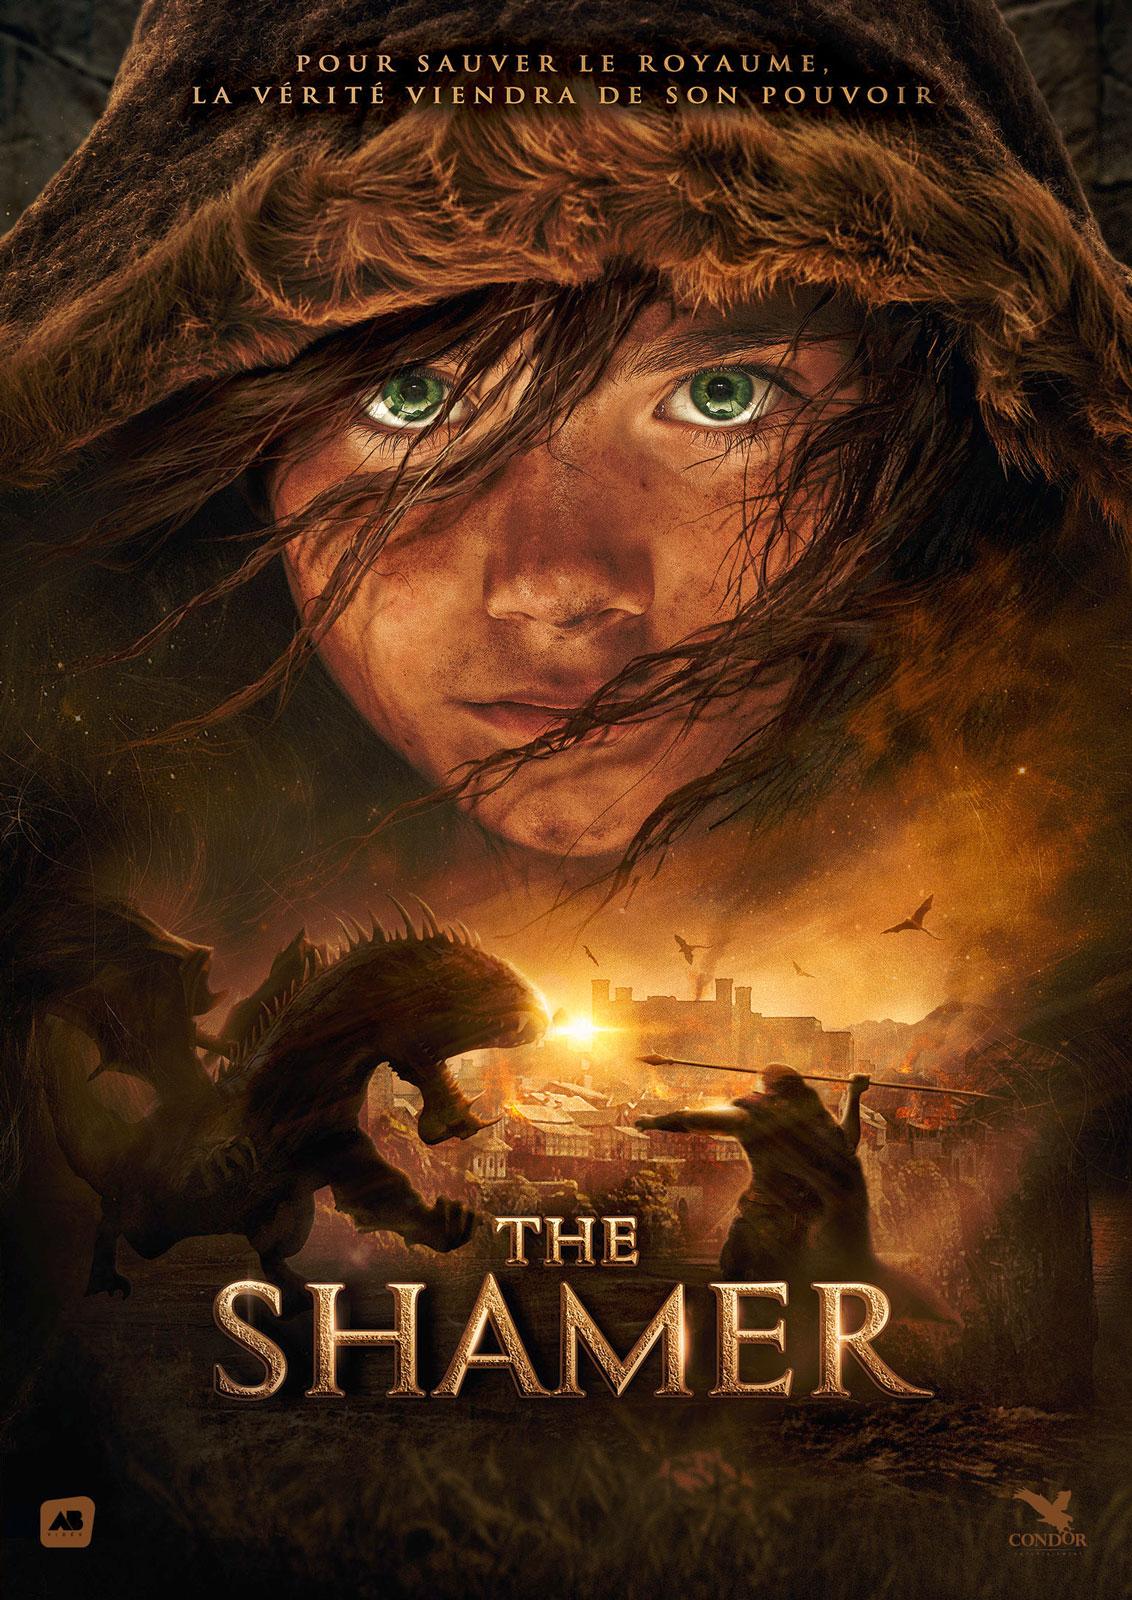 دانلود رایگان فیلم The Shamers Daughter 2015